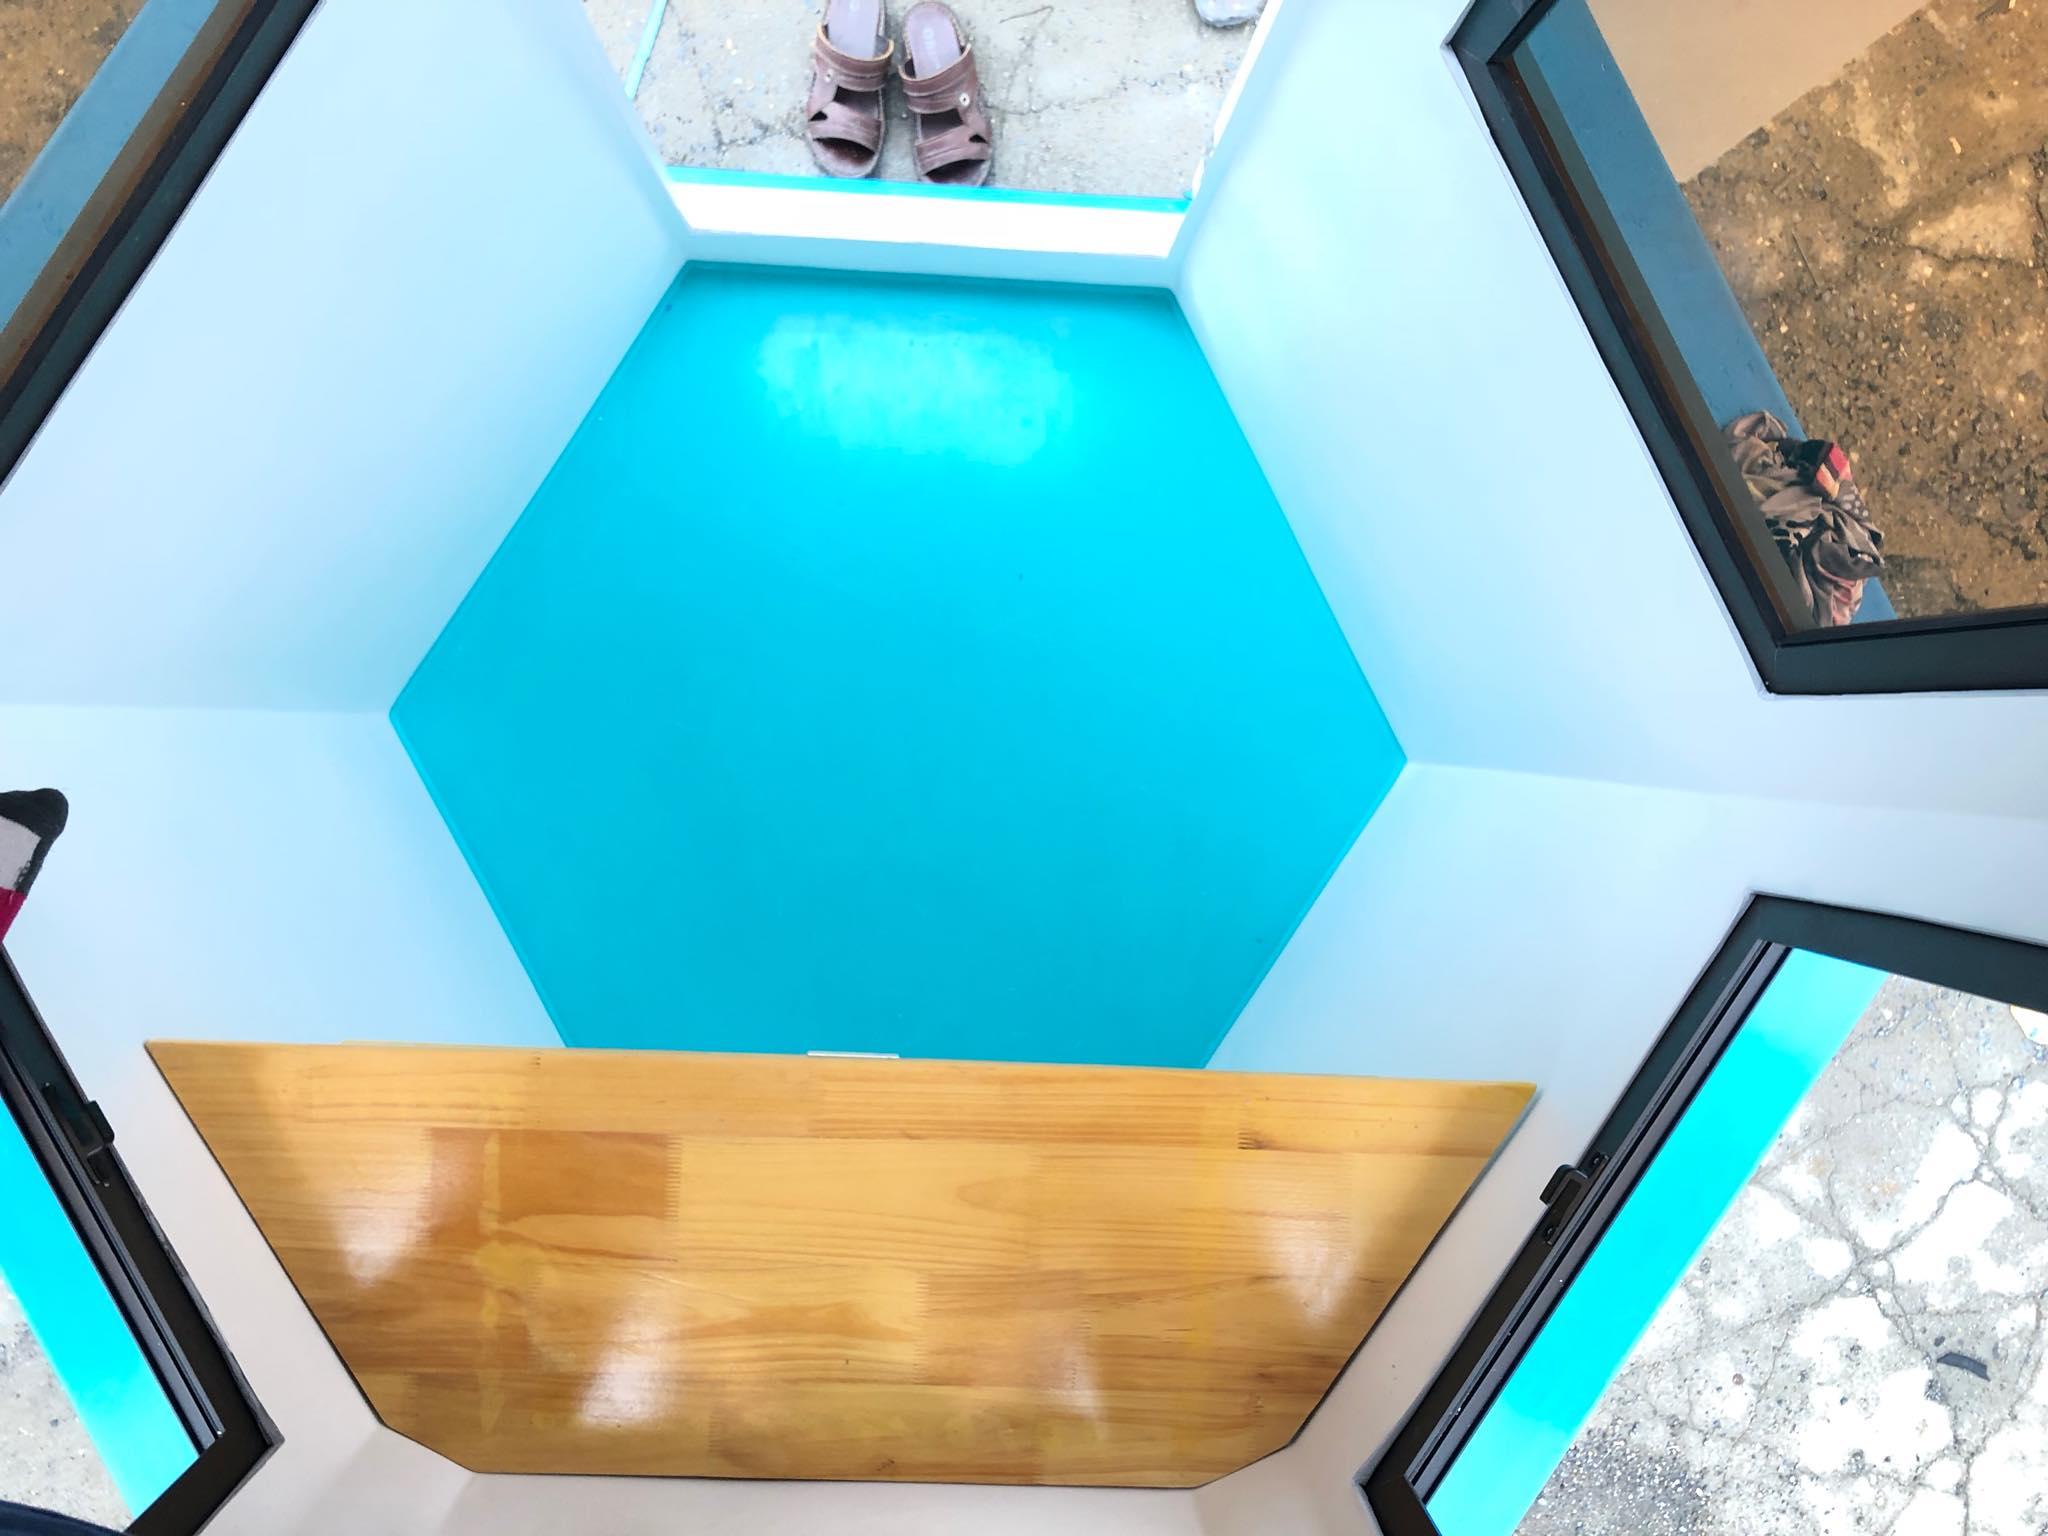 Sàn bằng vật liệu composite đúc liền với thân của nội thất